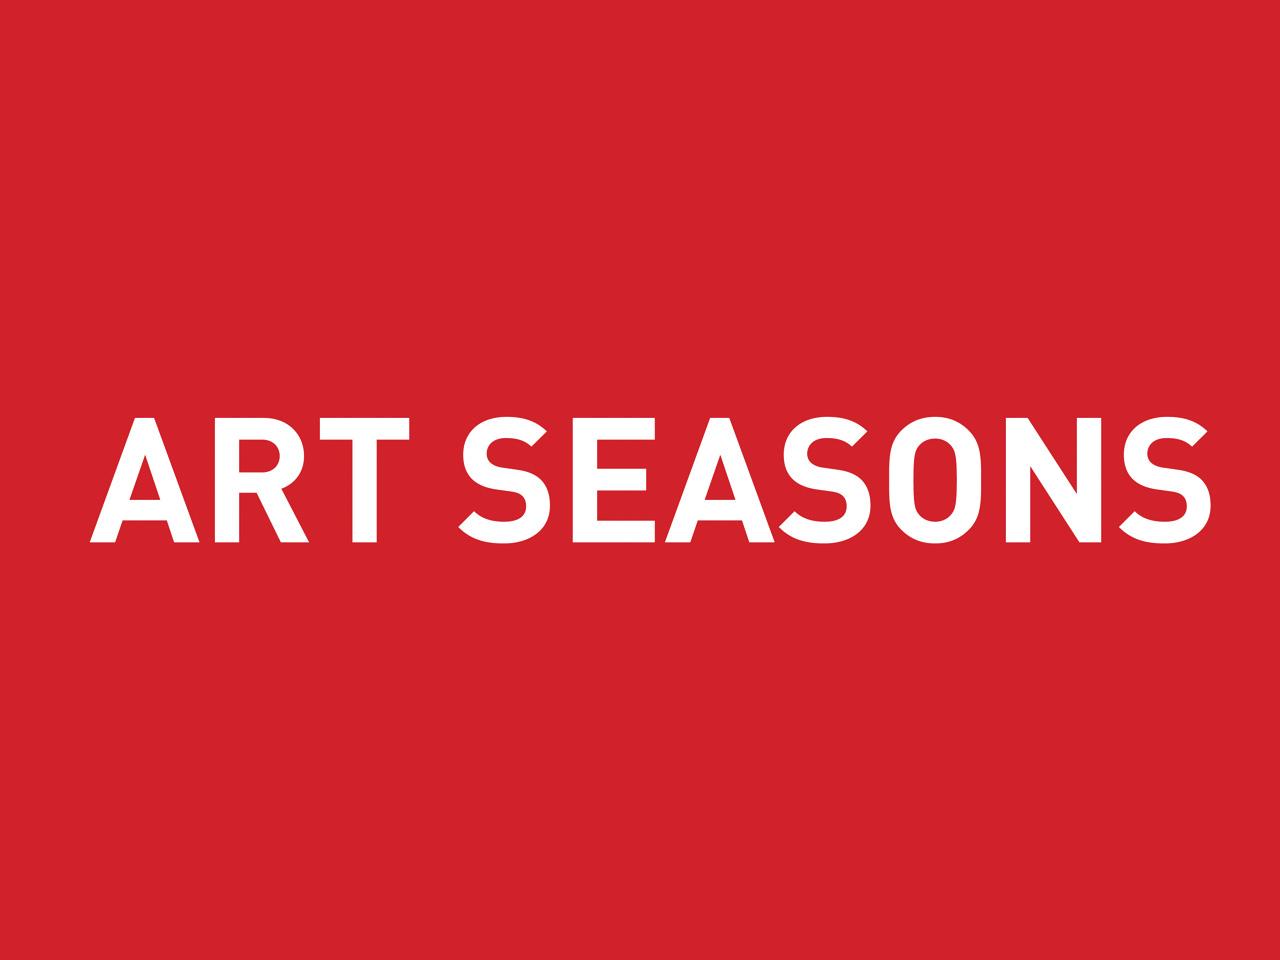 ART SEASONS